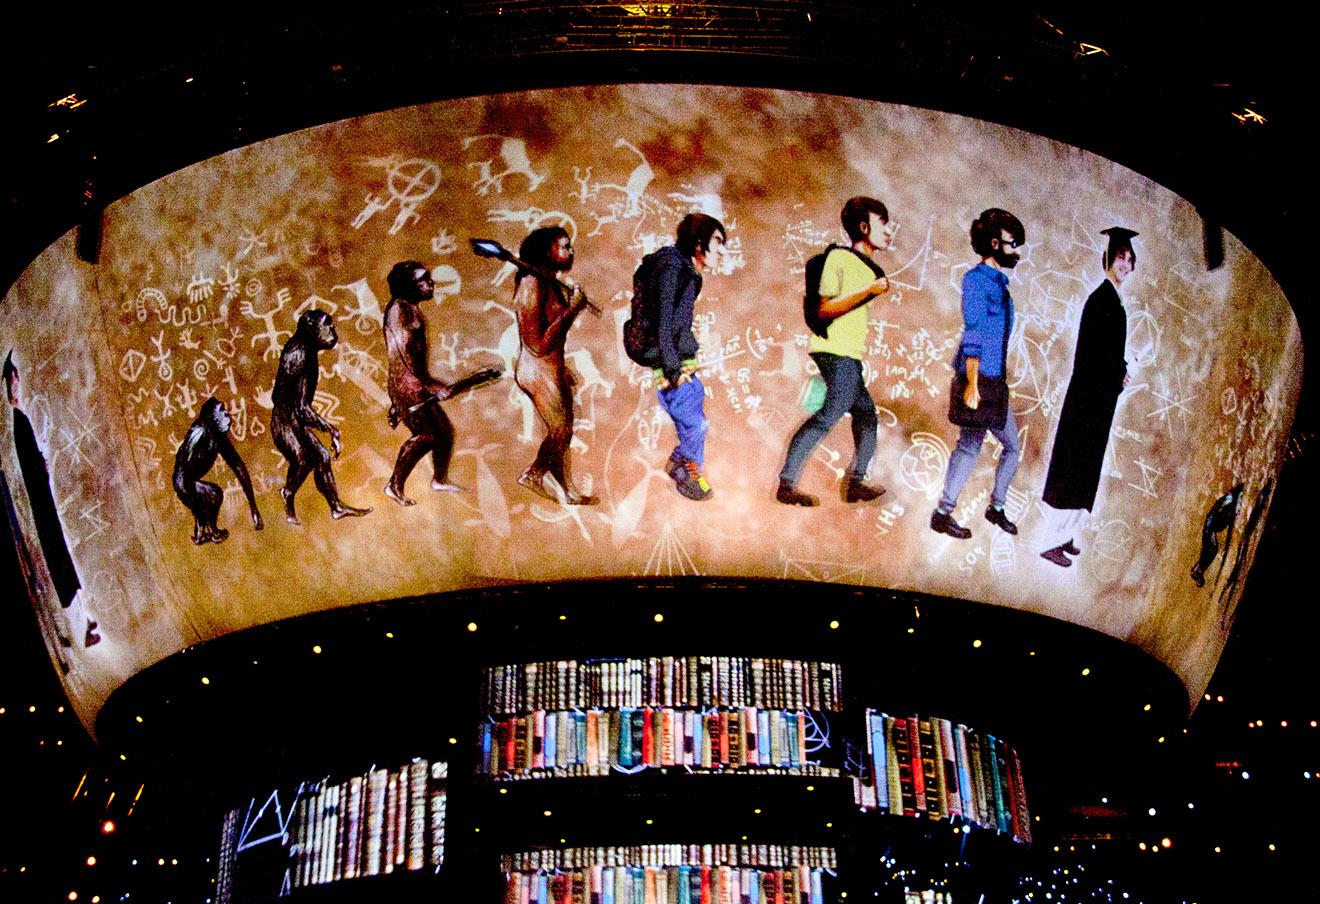 На церемонии закрытия XXVII Всемирной летней Универсиады 2013 в Казани. Фото: Игорь Алексеев / Интерпресс / ТАСС